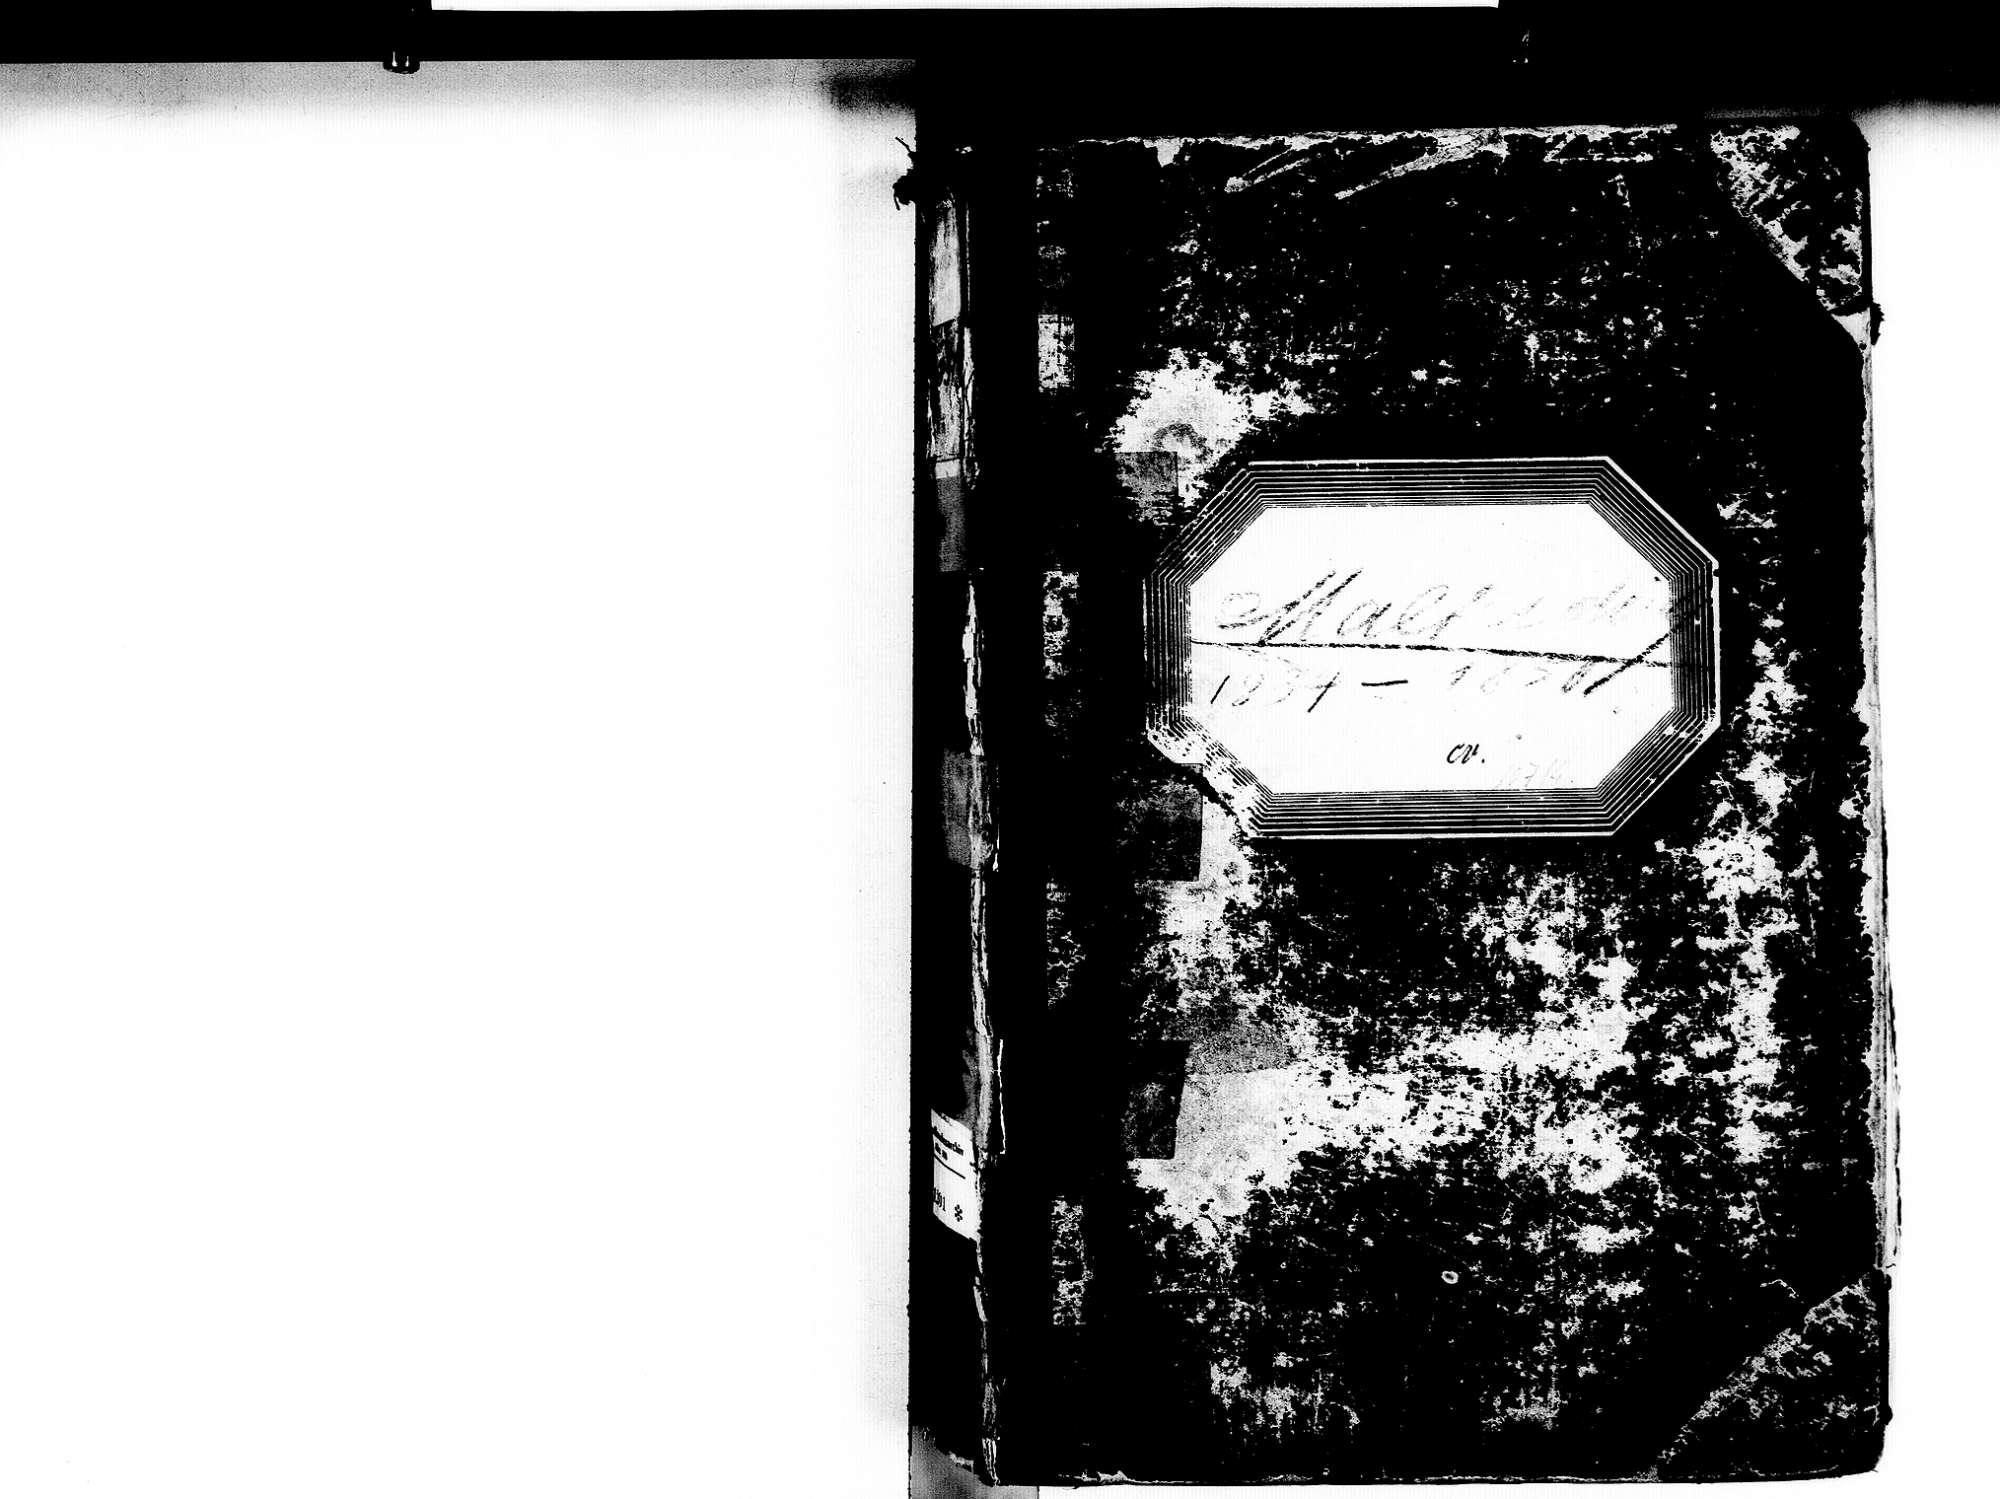 Malterdingen EM; Evangelische Gemeinde: Standesbuch 1834-1850 Enthält: Einzelne Katholische Einträge, Bild 2